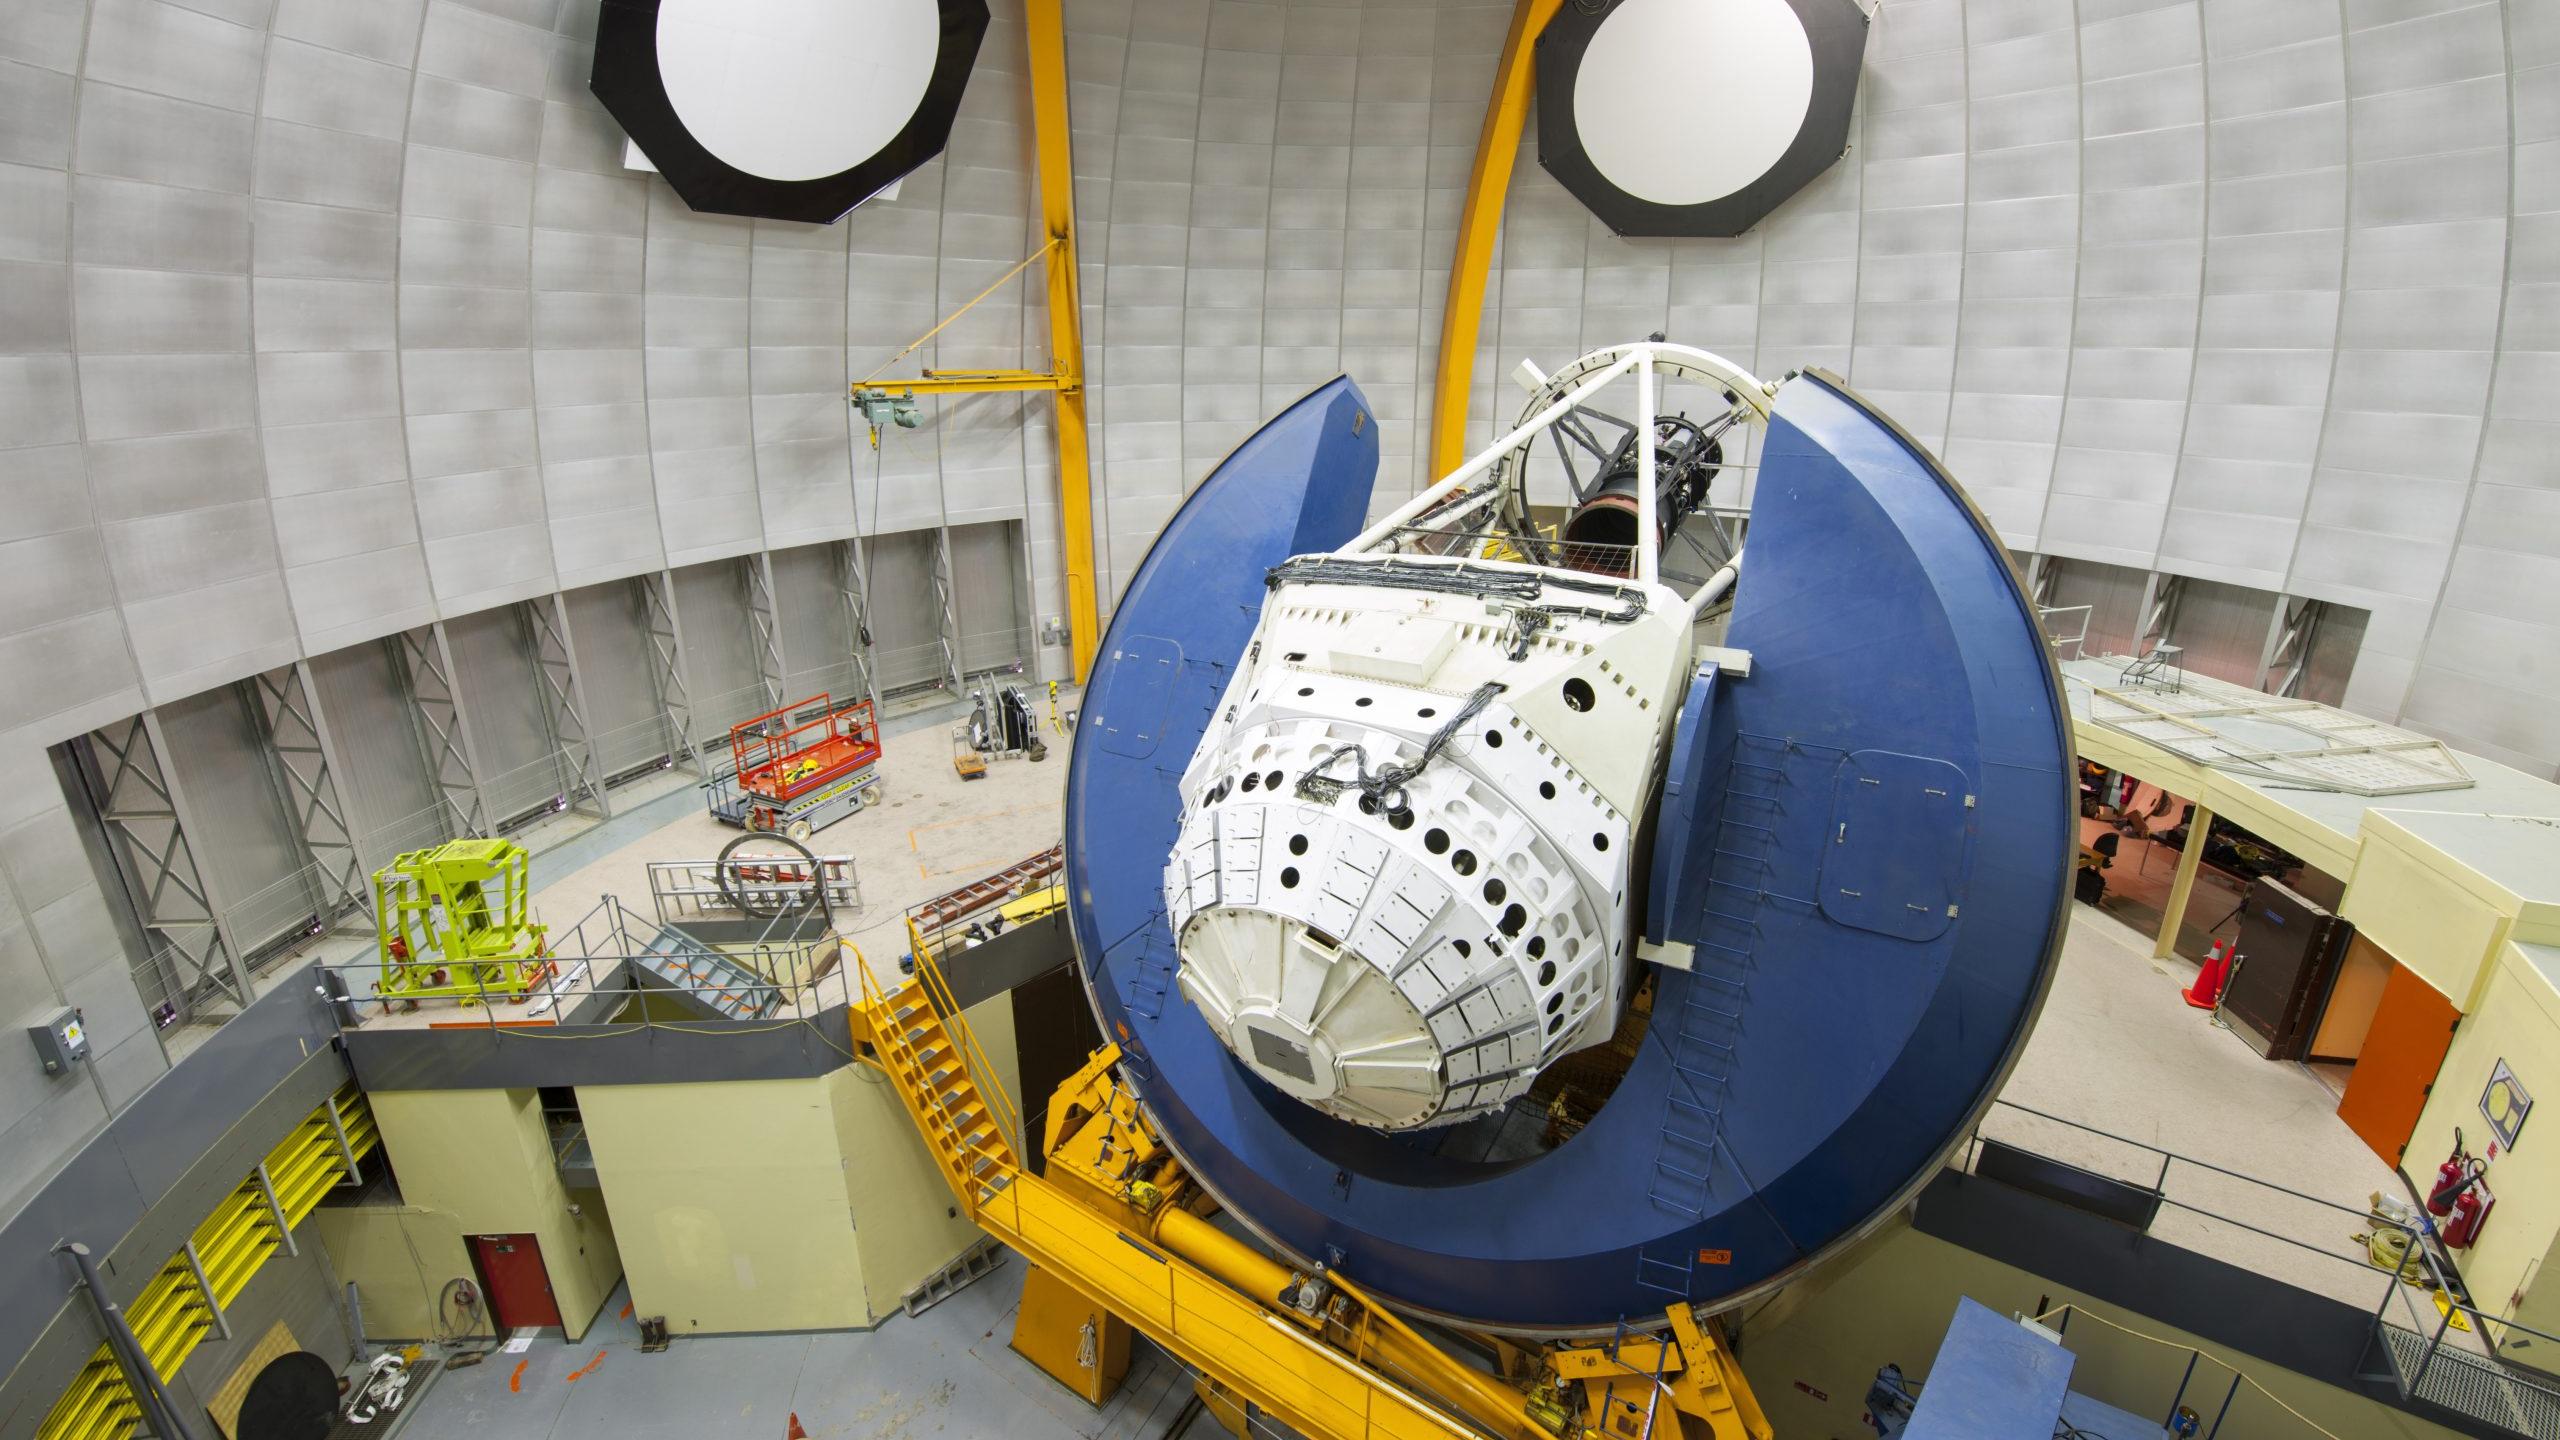 La nouvelle étude s'est appuyée sur cette caméra à énergie sombre de 570 mégapixels sur le télescope Victor M. Blanco de 4 mètres, montré ici à l'Observatoire interaméricain de Cerro Tololo au Chili.